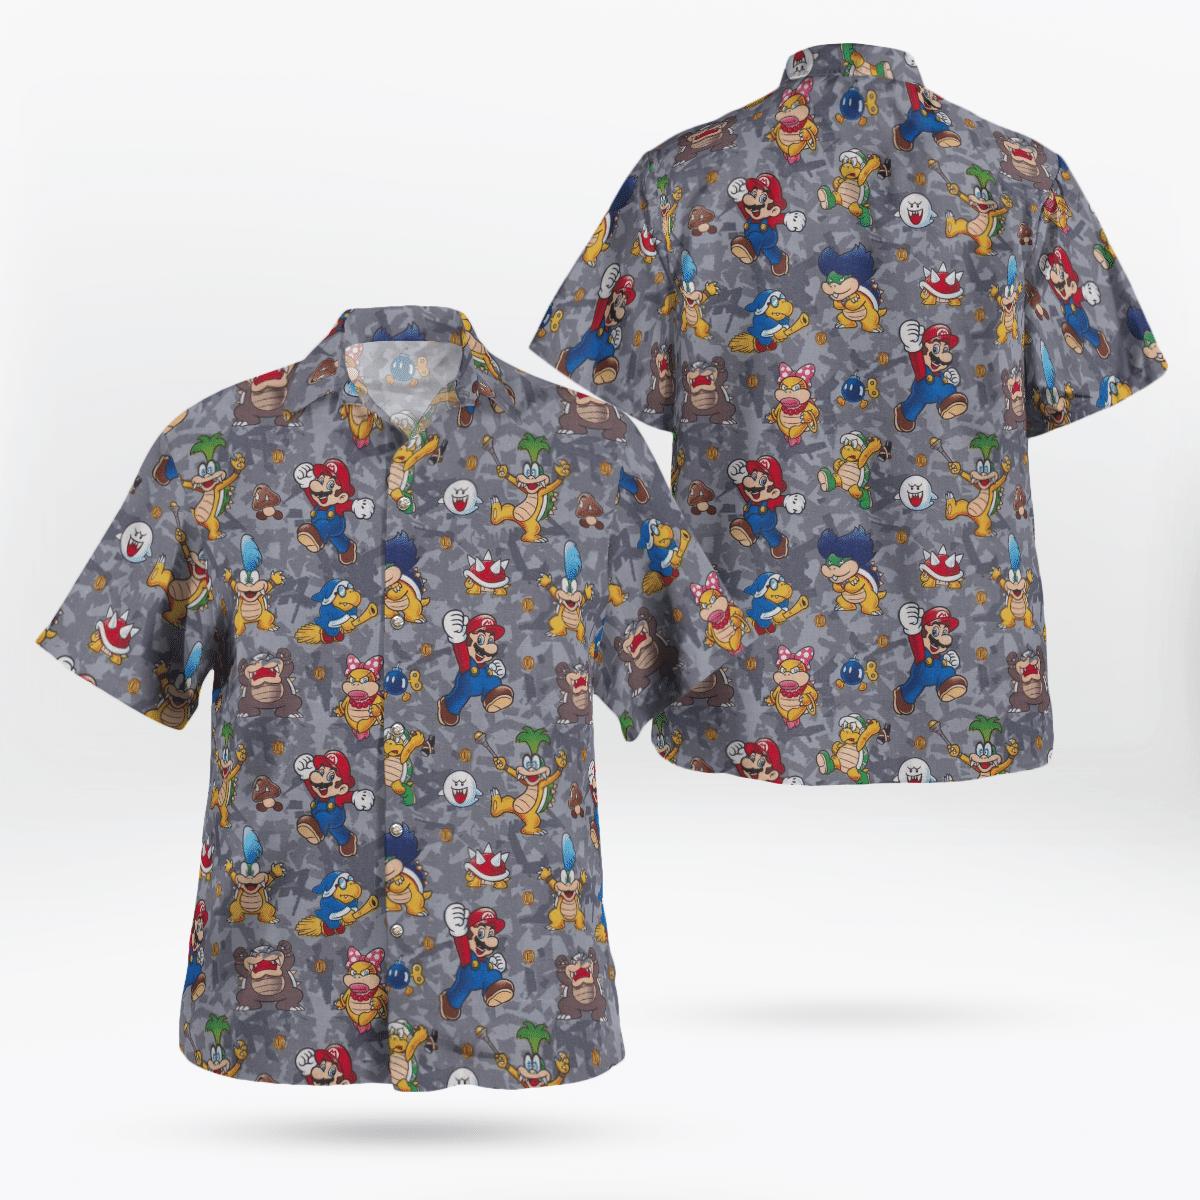 Supper Mario and Bowser Hawaiian Shirt